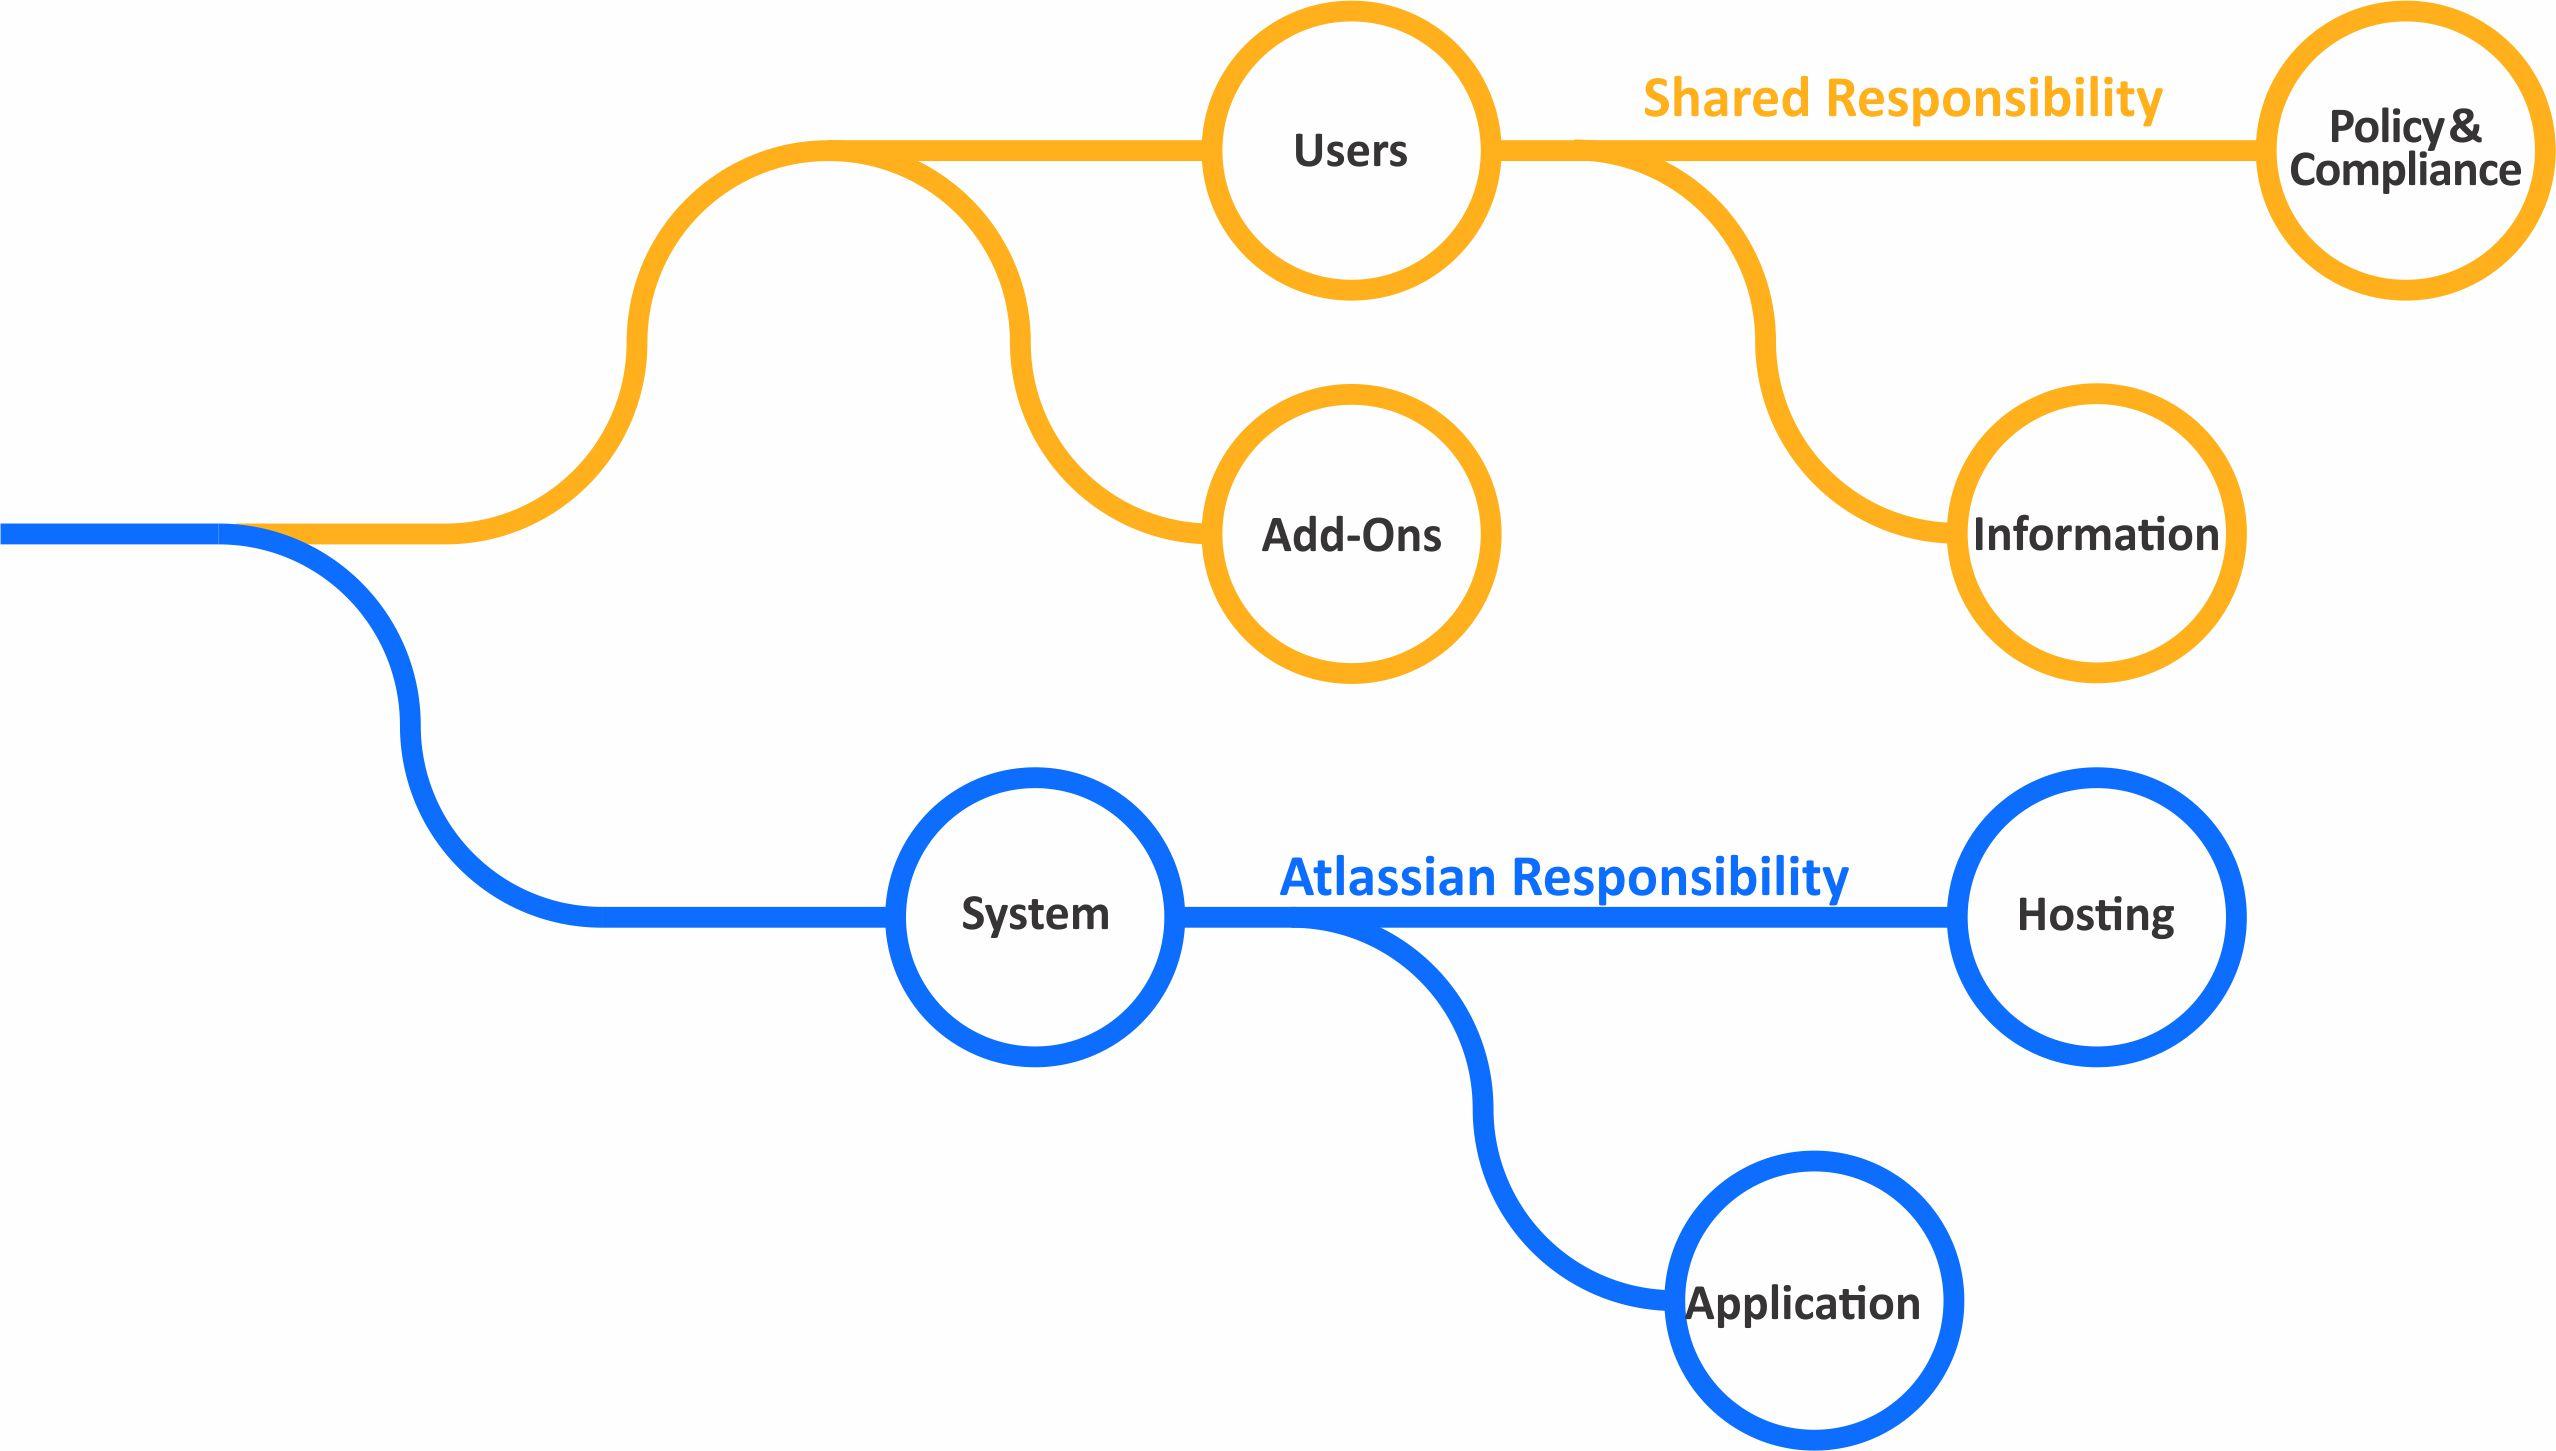 責任のツリー